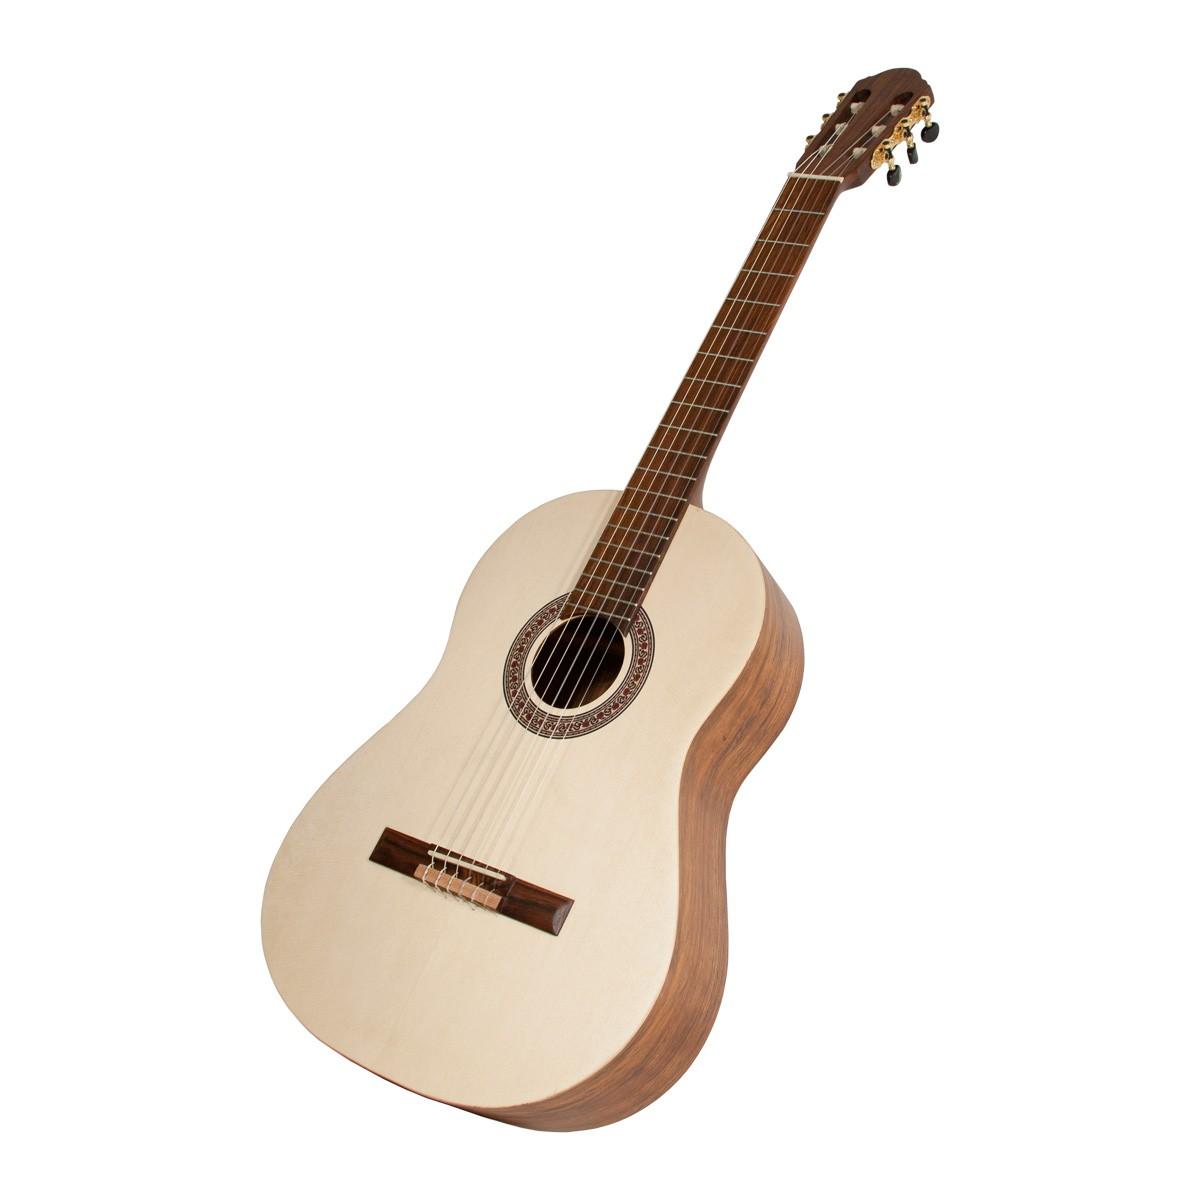 Roosebeck Flamenco Guitar